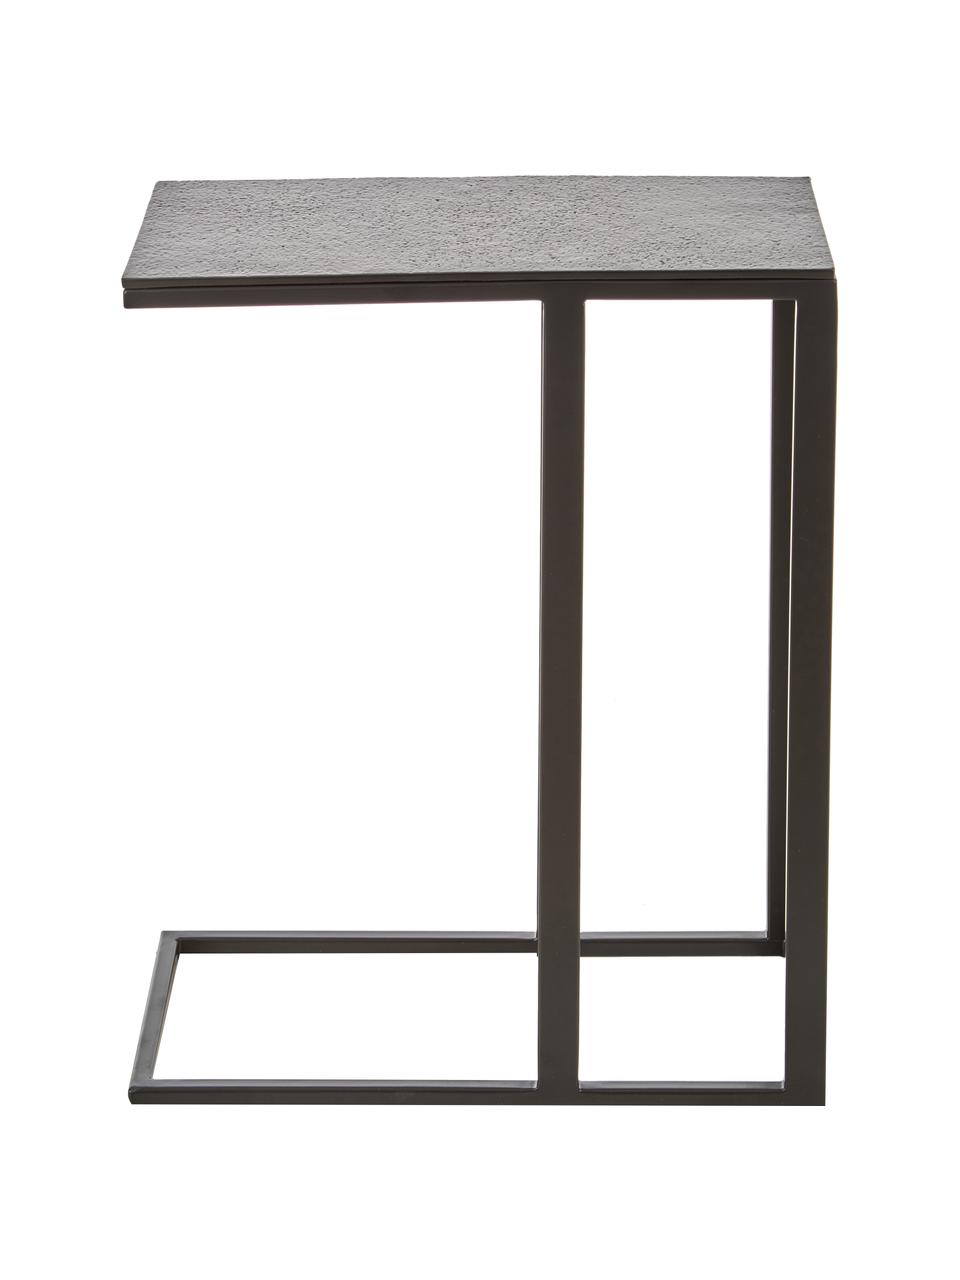 Stolik pomocniczy w stylu industrialnym Edge, Blat: metal powlekany, Stelaż: metal malowany proszkowo, Blat: czarny Stelaż: czarny, matowy, S 45 x W 62 cm